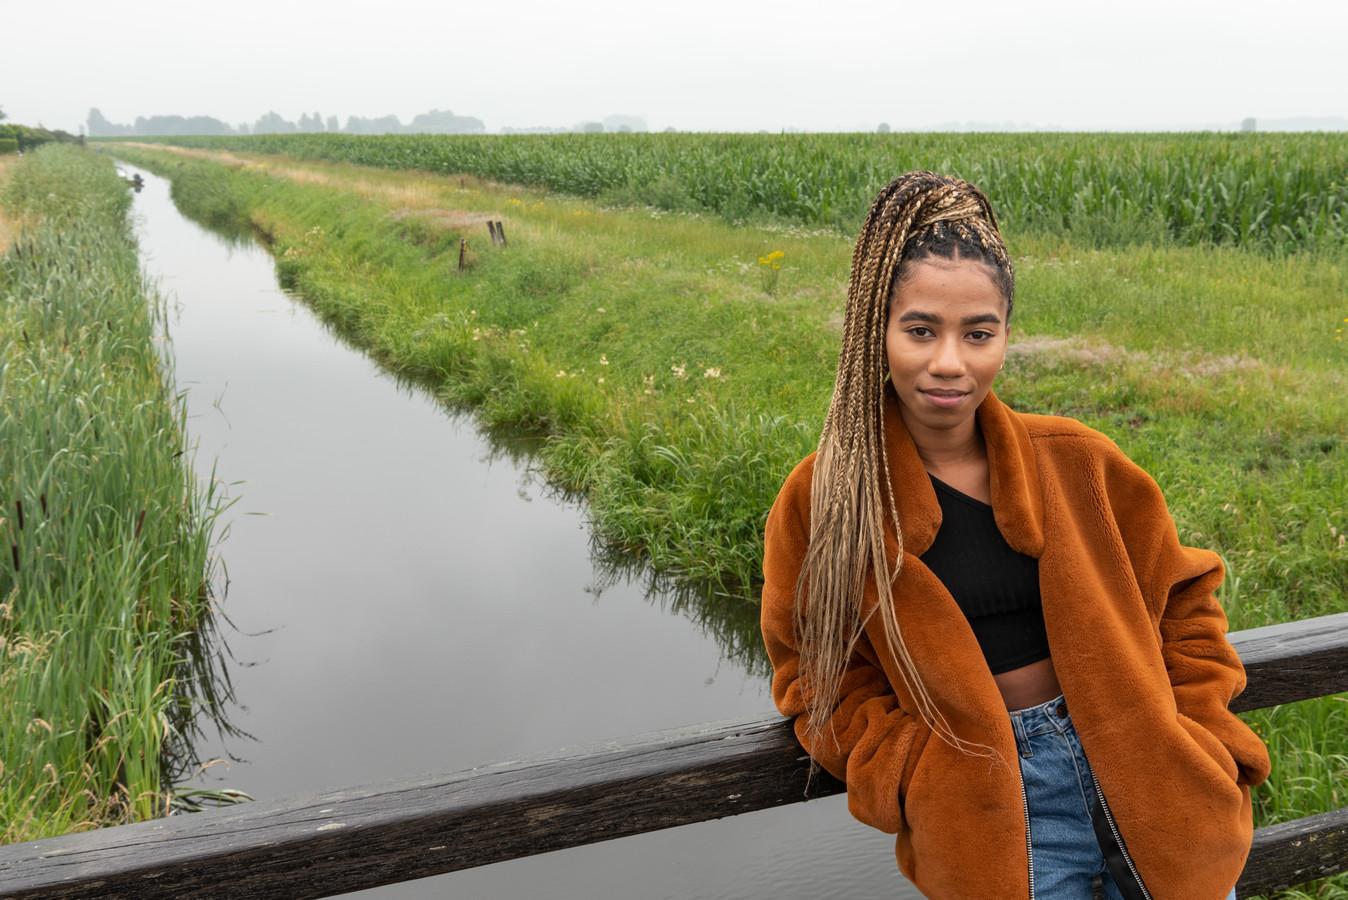 Na haar deelname aan Holland's Got Talent en The Voice of Holland mocht de Baarnse Ina Seidou in Londen dansen en vooral zingen in de musical Thriller Live.